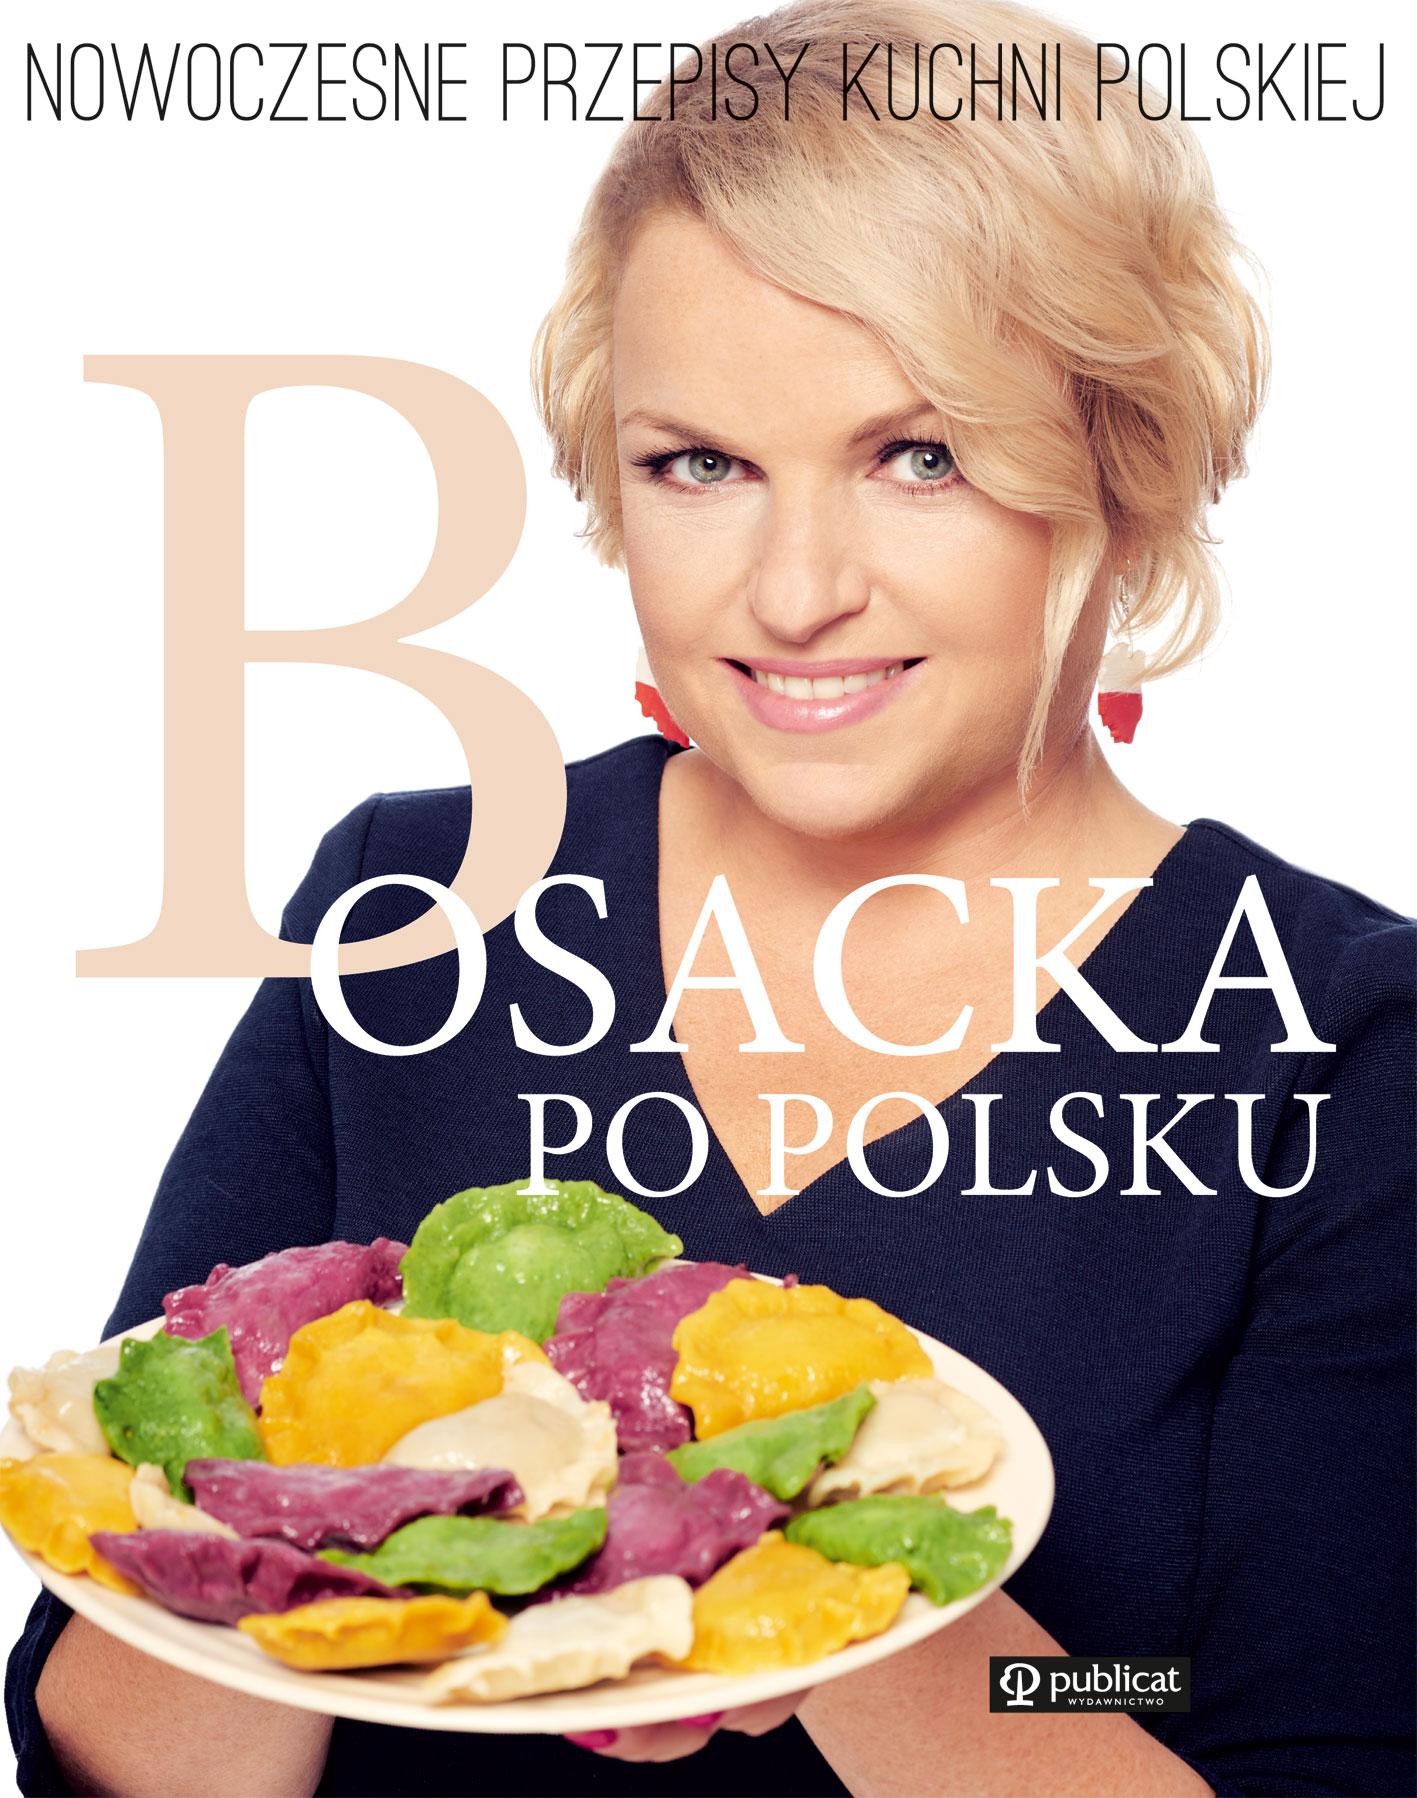 Bosacka po polsku nowoczesne przepisy kuchni polskiej